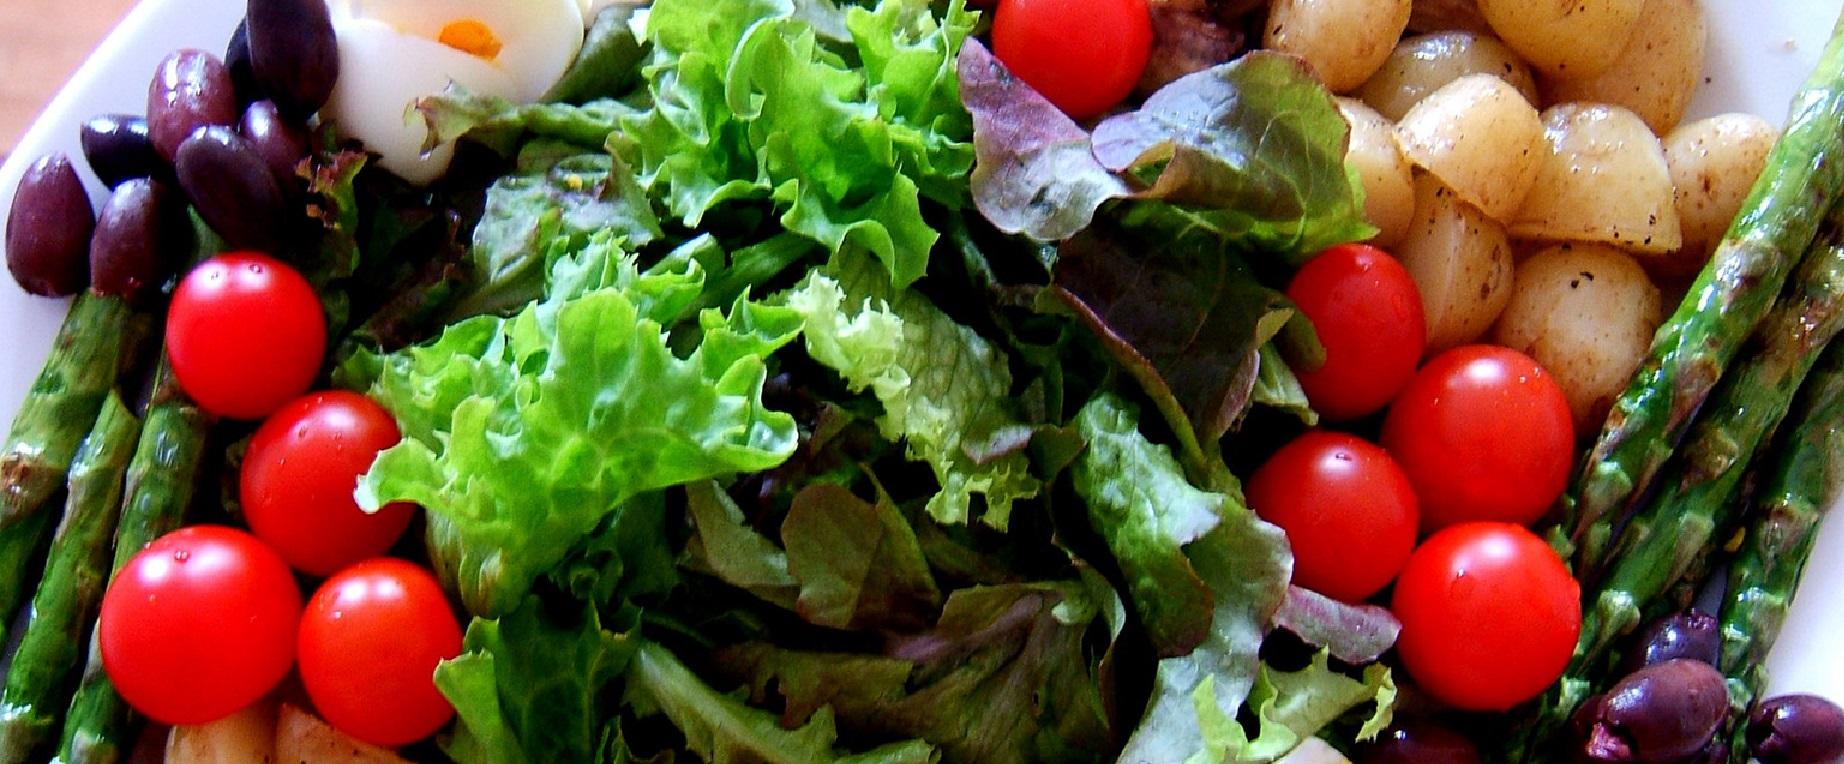 cómo hacer una dieta cetosisgénica como vegetariano